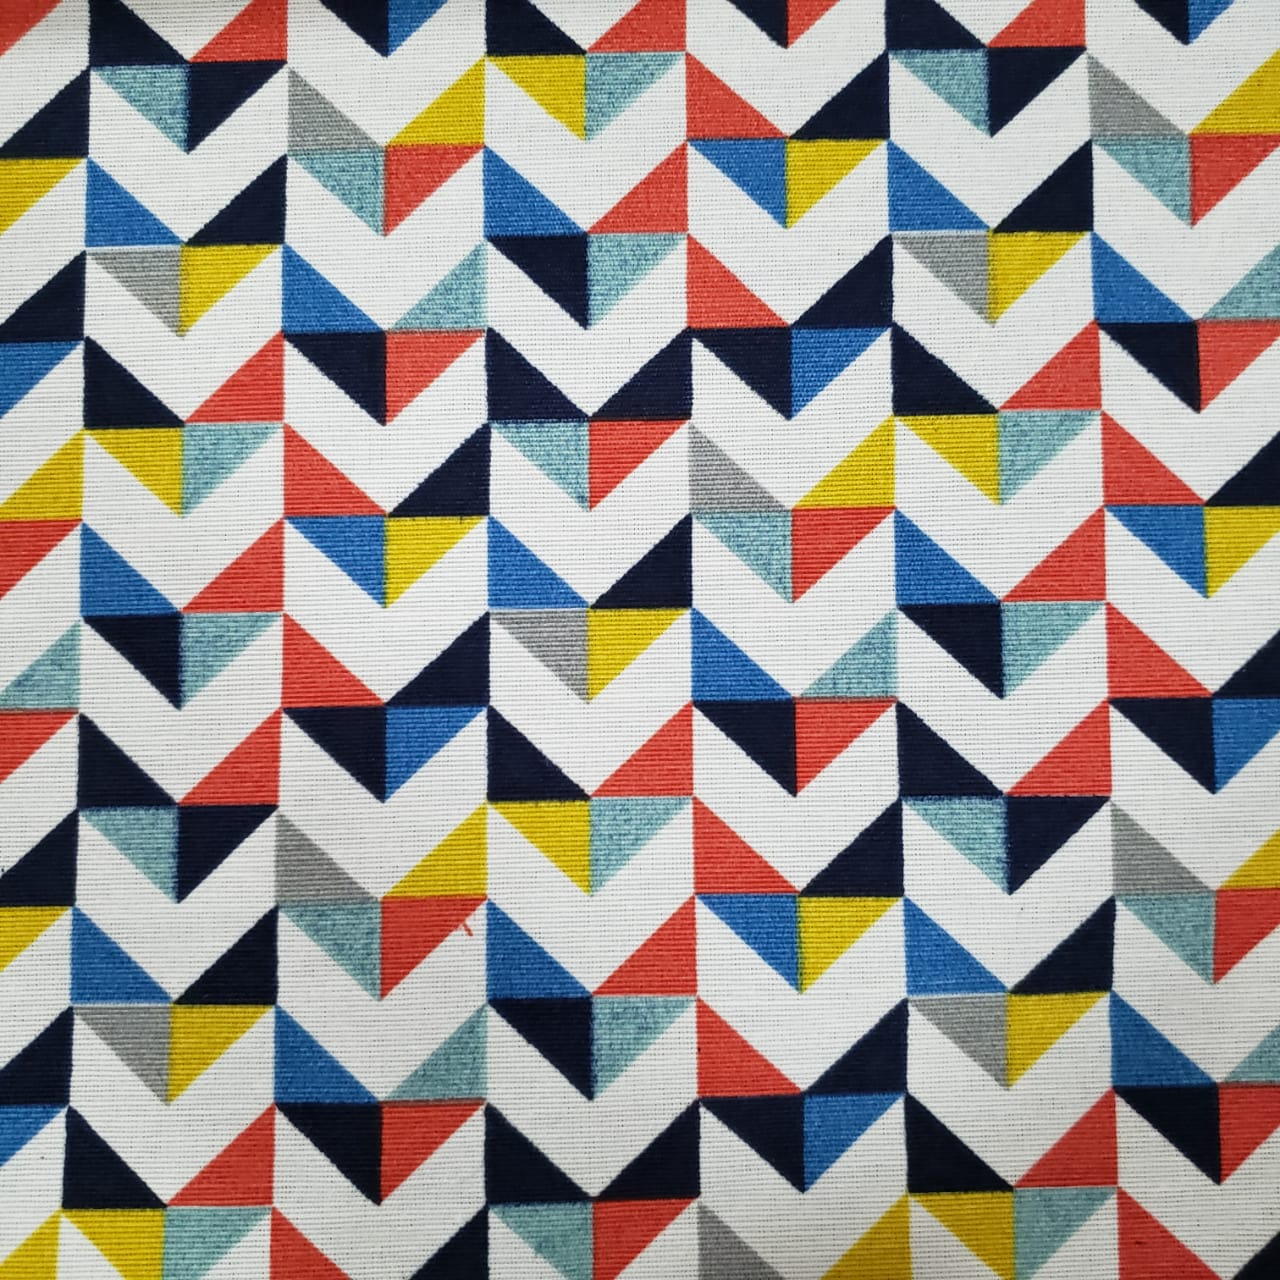 Tecido AcquaBlock - Bandeiras - 50cm x 140cm